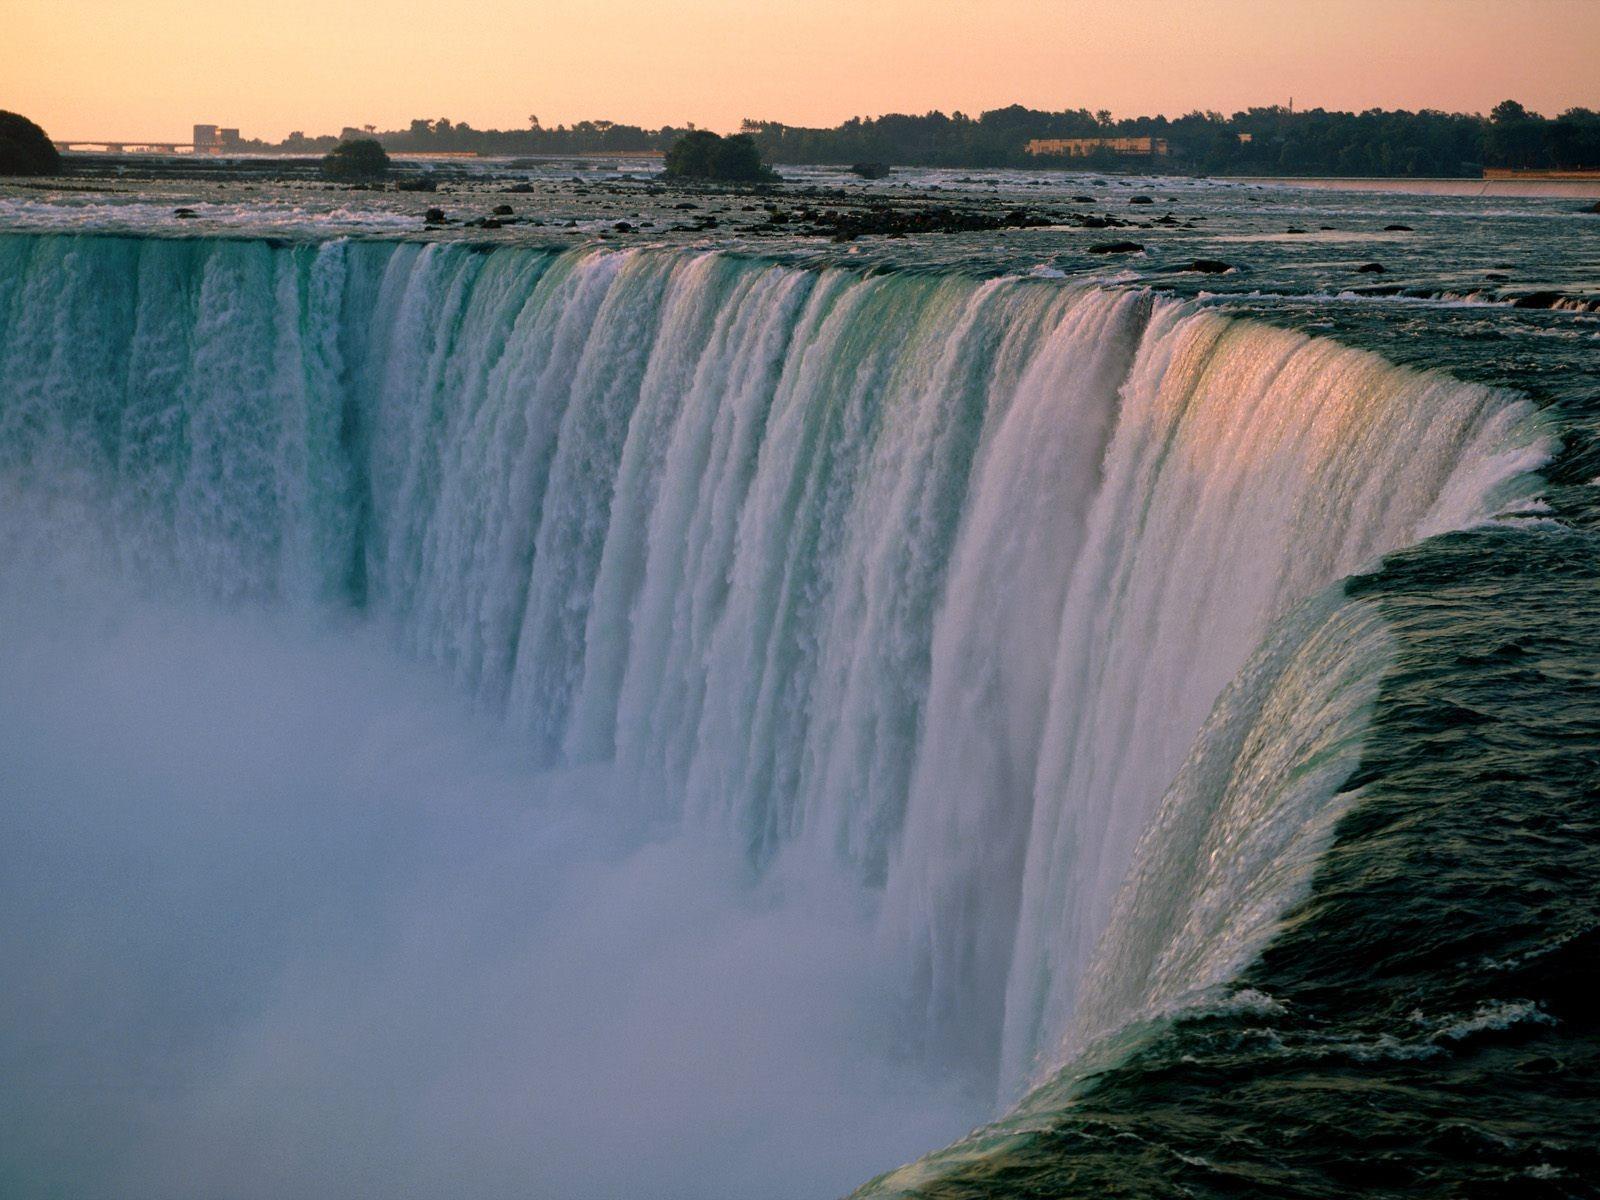 Niagara Falls Wallpaper Waterfalls Nature Wallpapers In Jpg Format